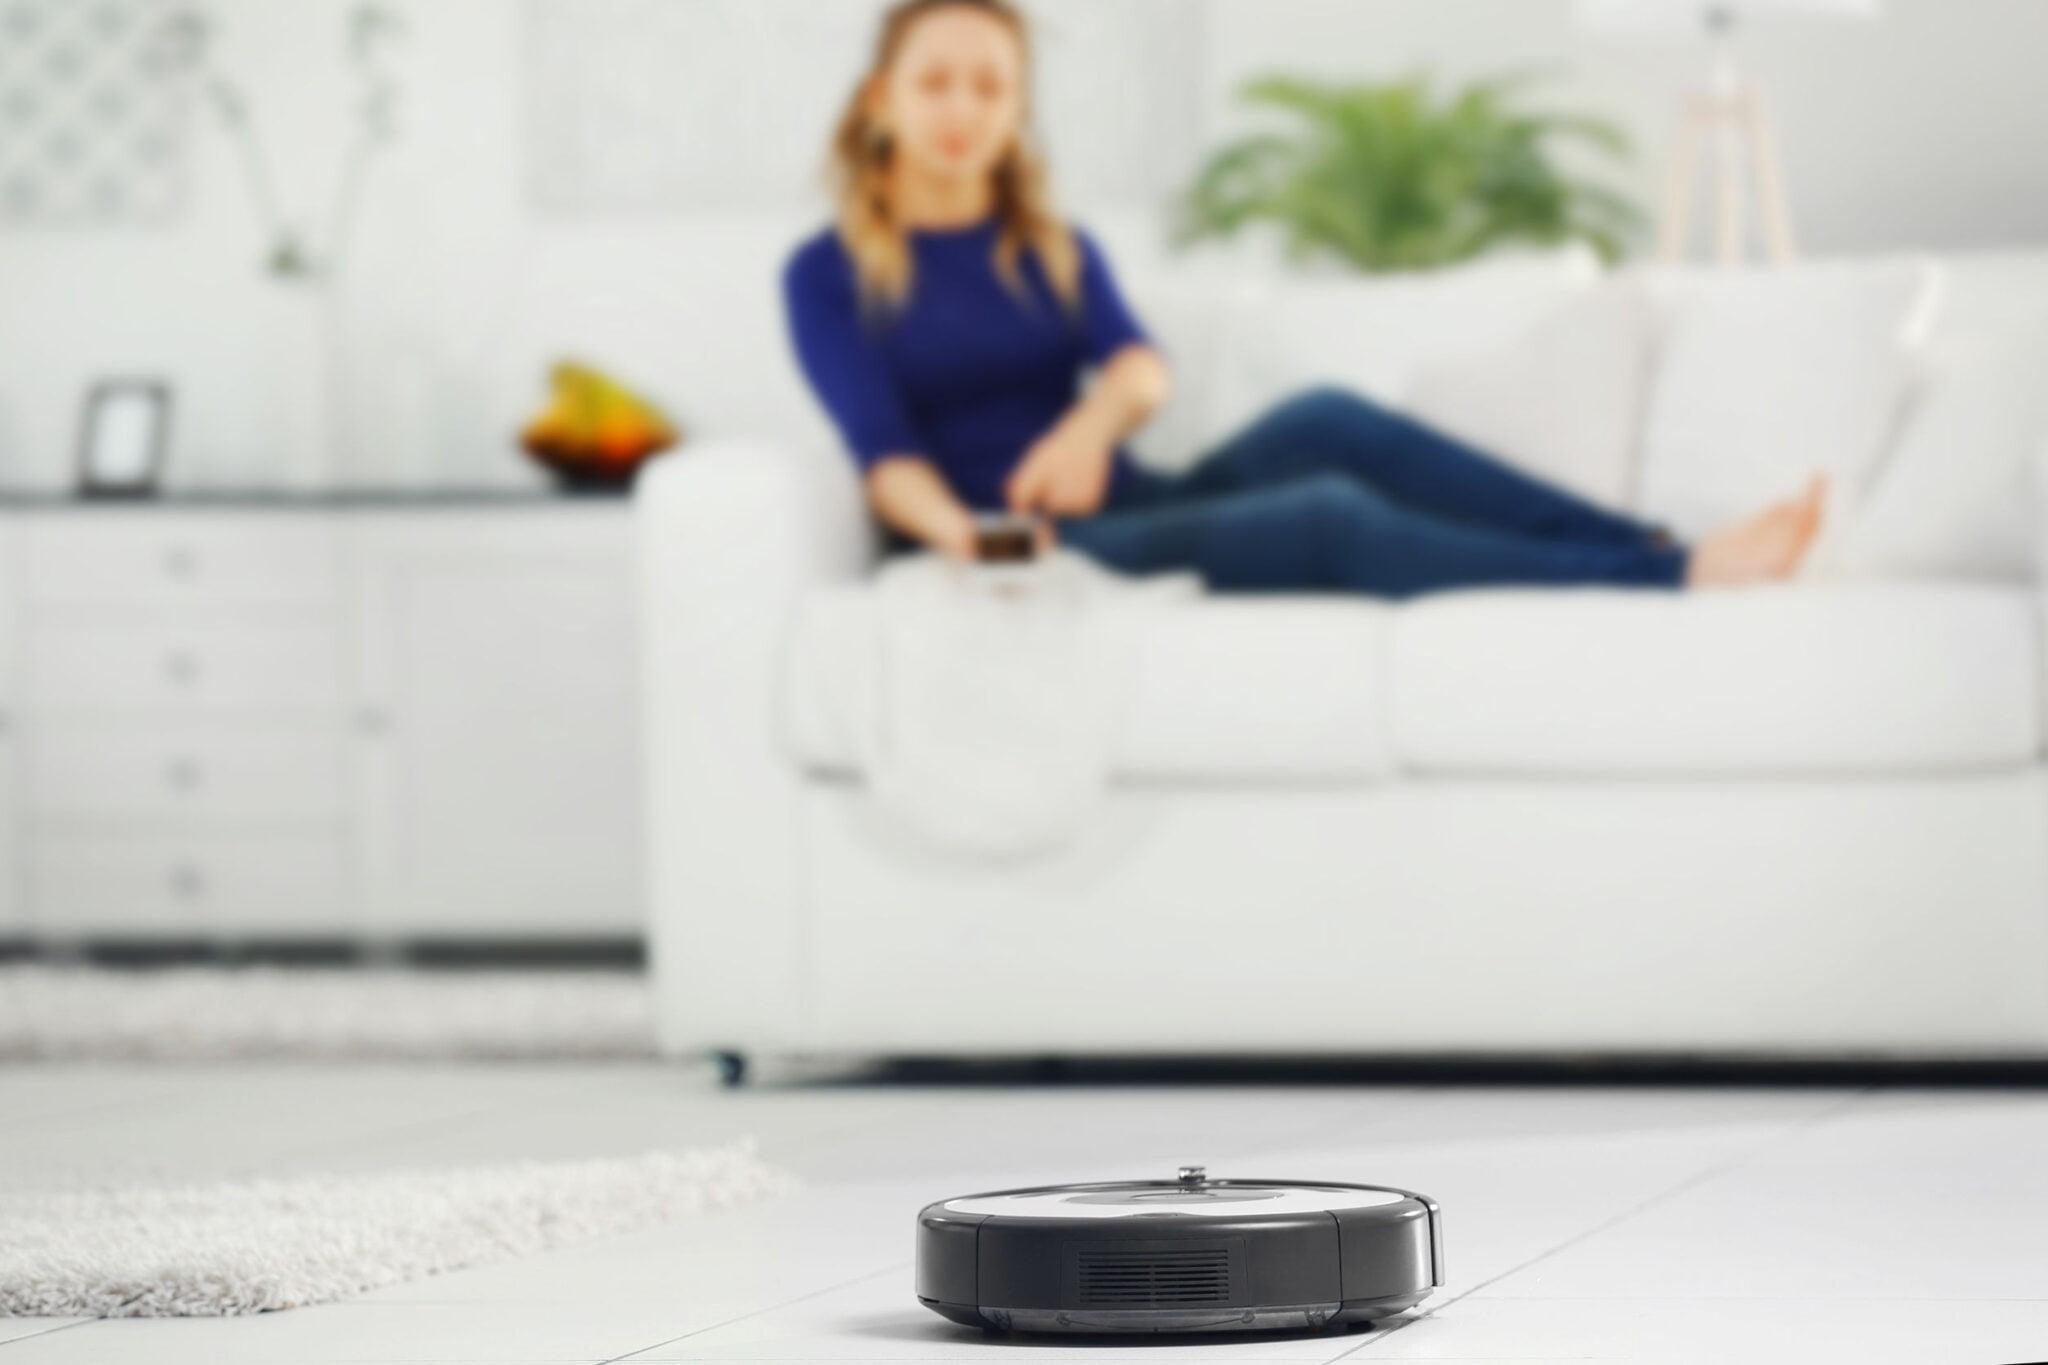 Handige huishoudelijke apparaten; lijst en tips die het leven makkelijker maken - Mamaliefde.nl